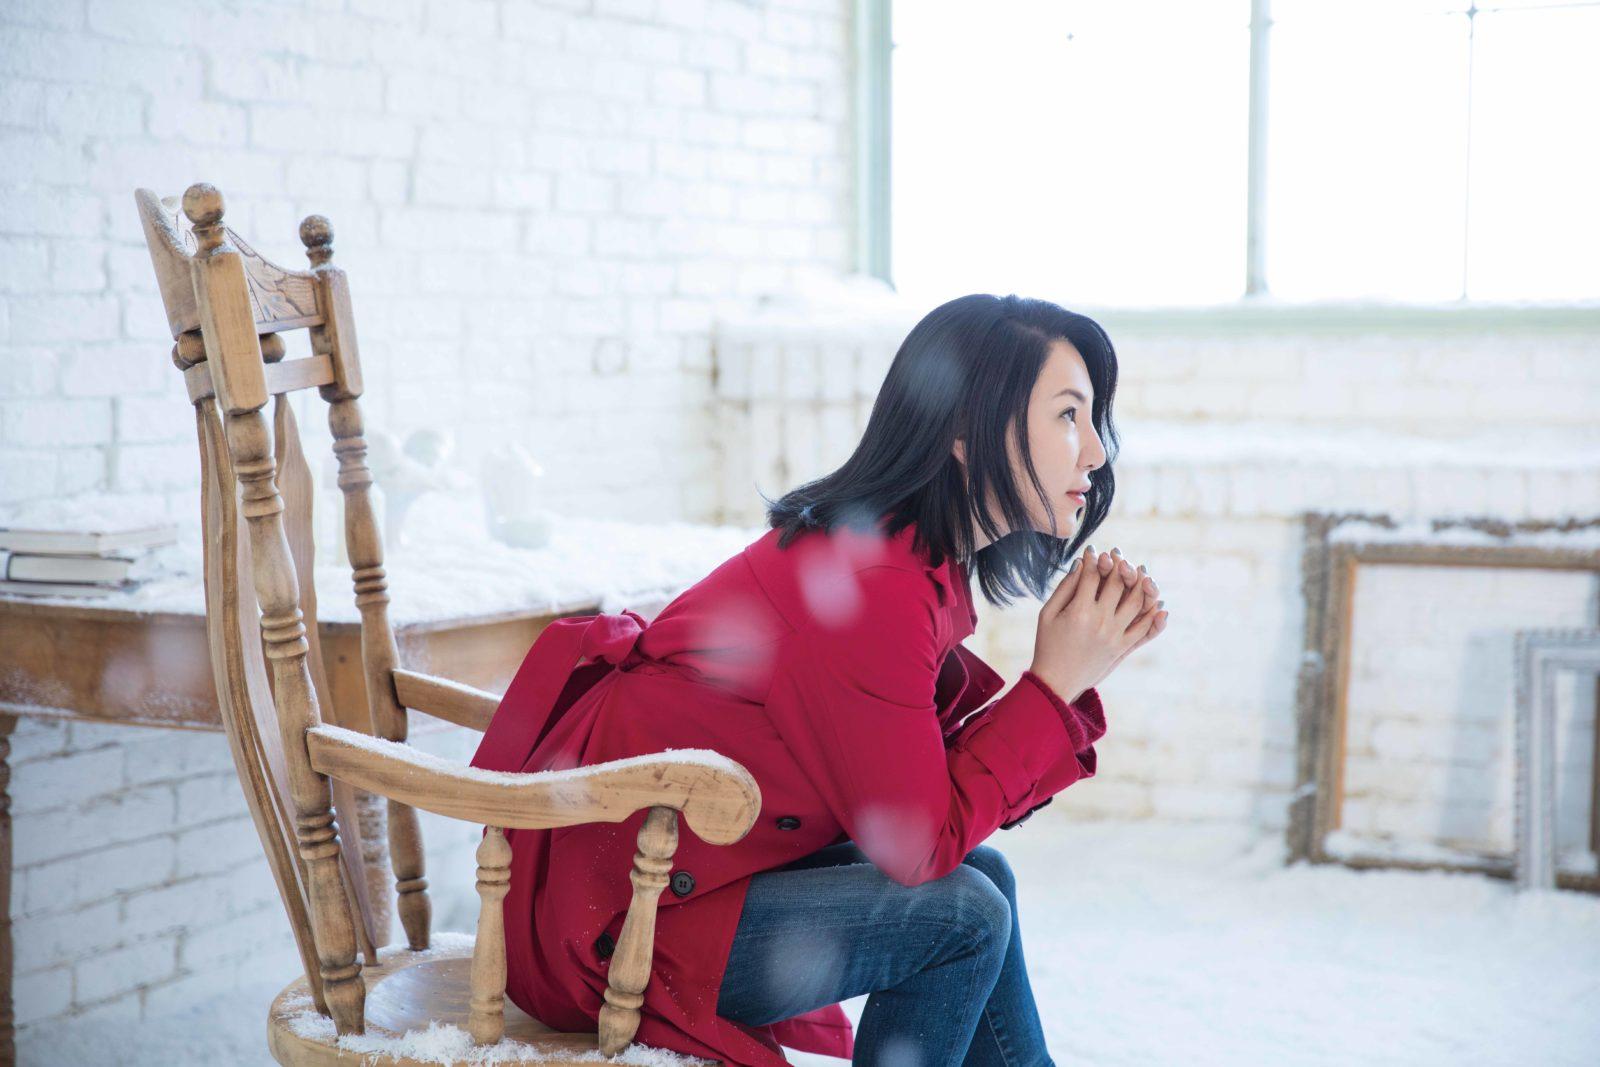 広瀬香美、新曲含む3枚組みコンプリートベストアルバム発売!DJ和が参加サムネイル画像!